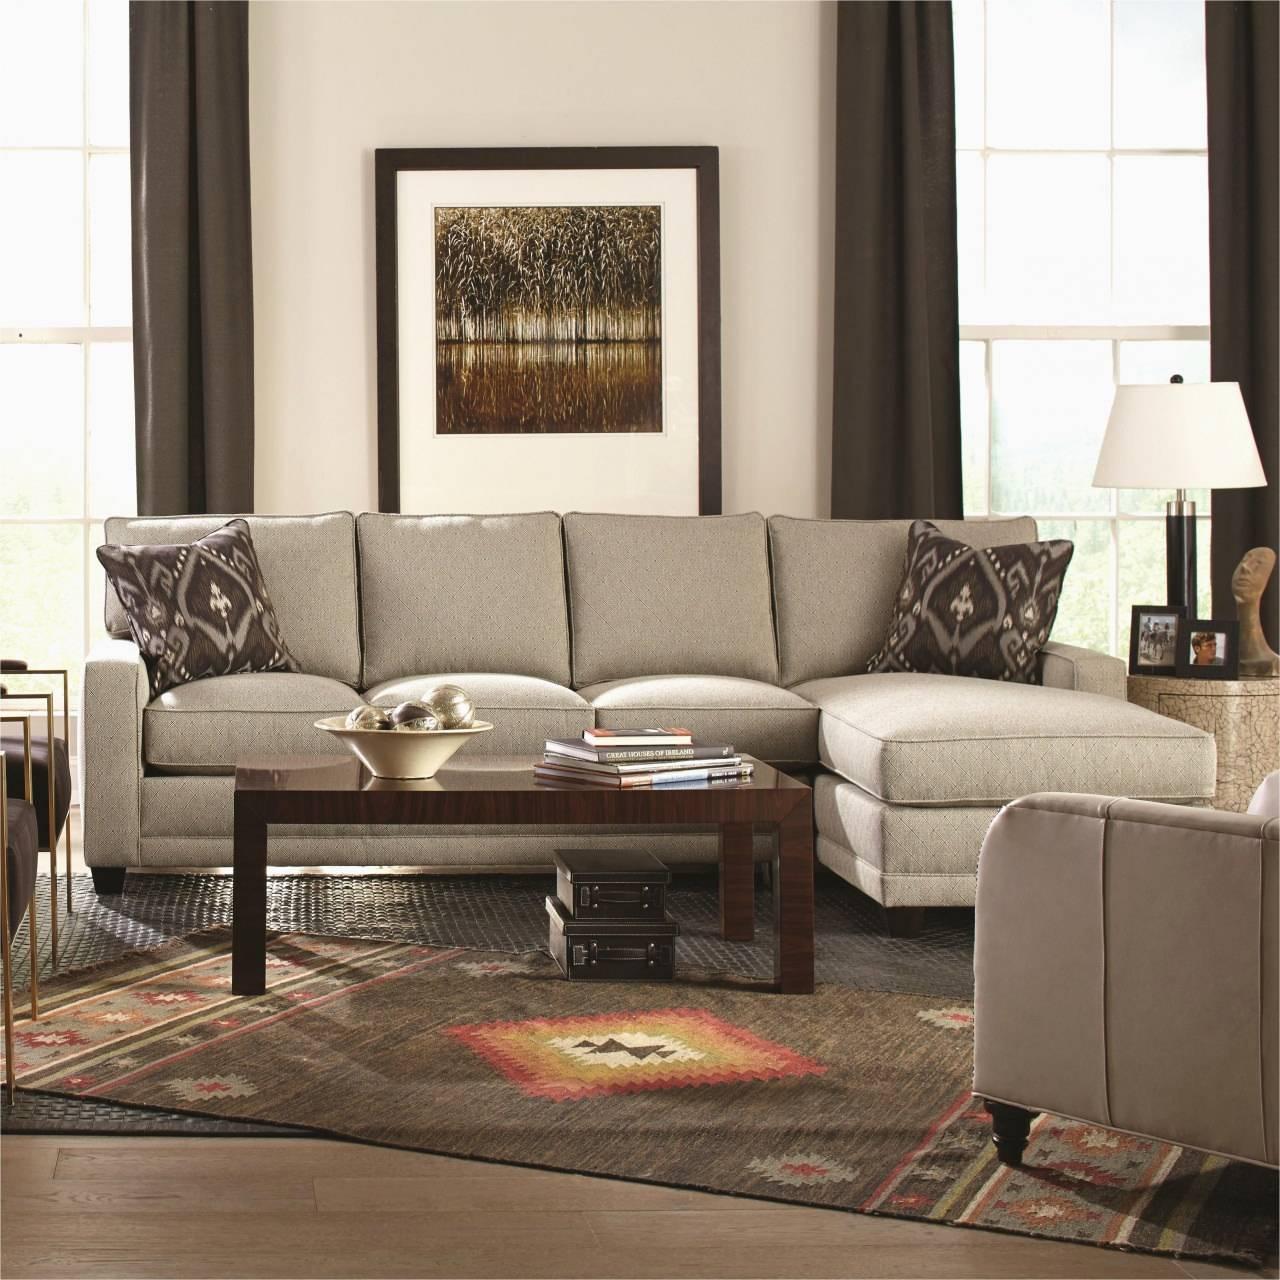 gunstige wohnzimmer ideen inspirational gunstige weihnachtsdeko tolle 49 von eckbank u form ideen prov of gunstige wohnzimmer ideen